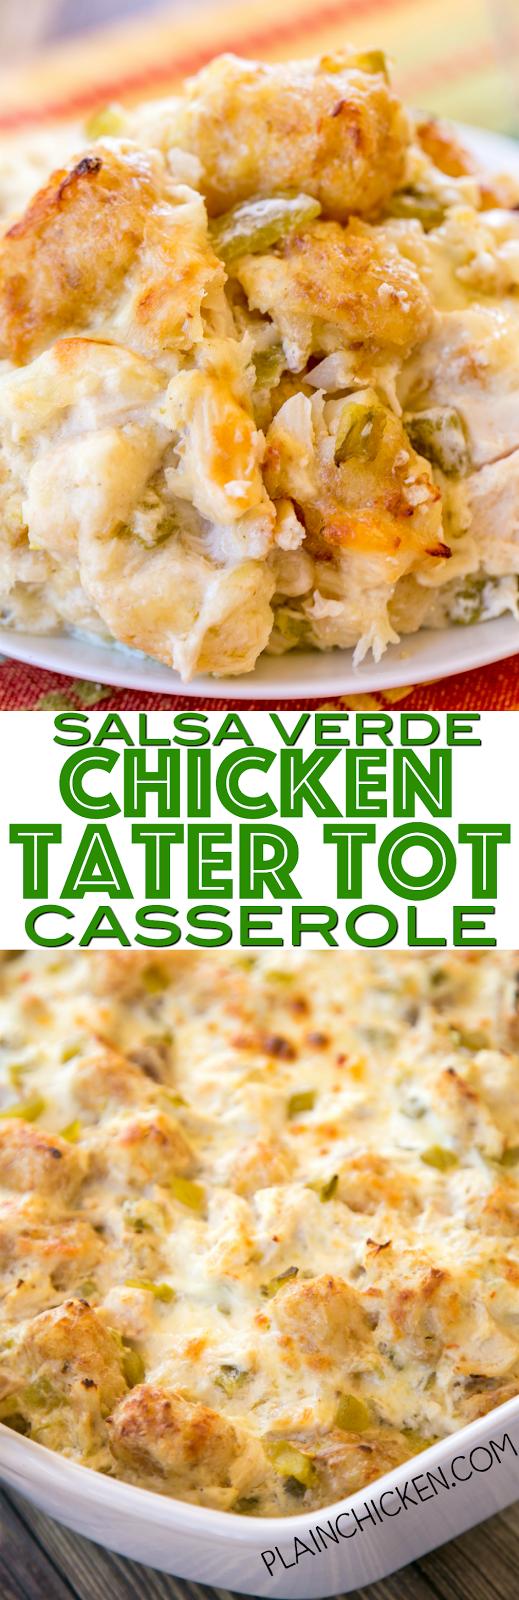 recipe: salsa verde chicken casserole [20]